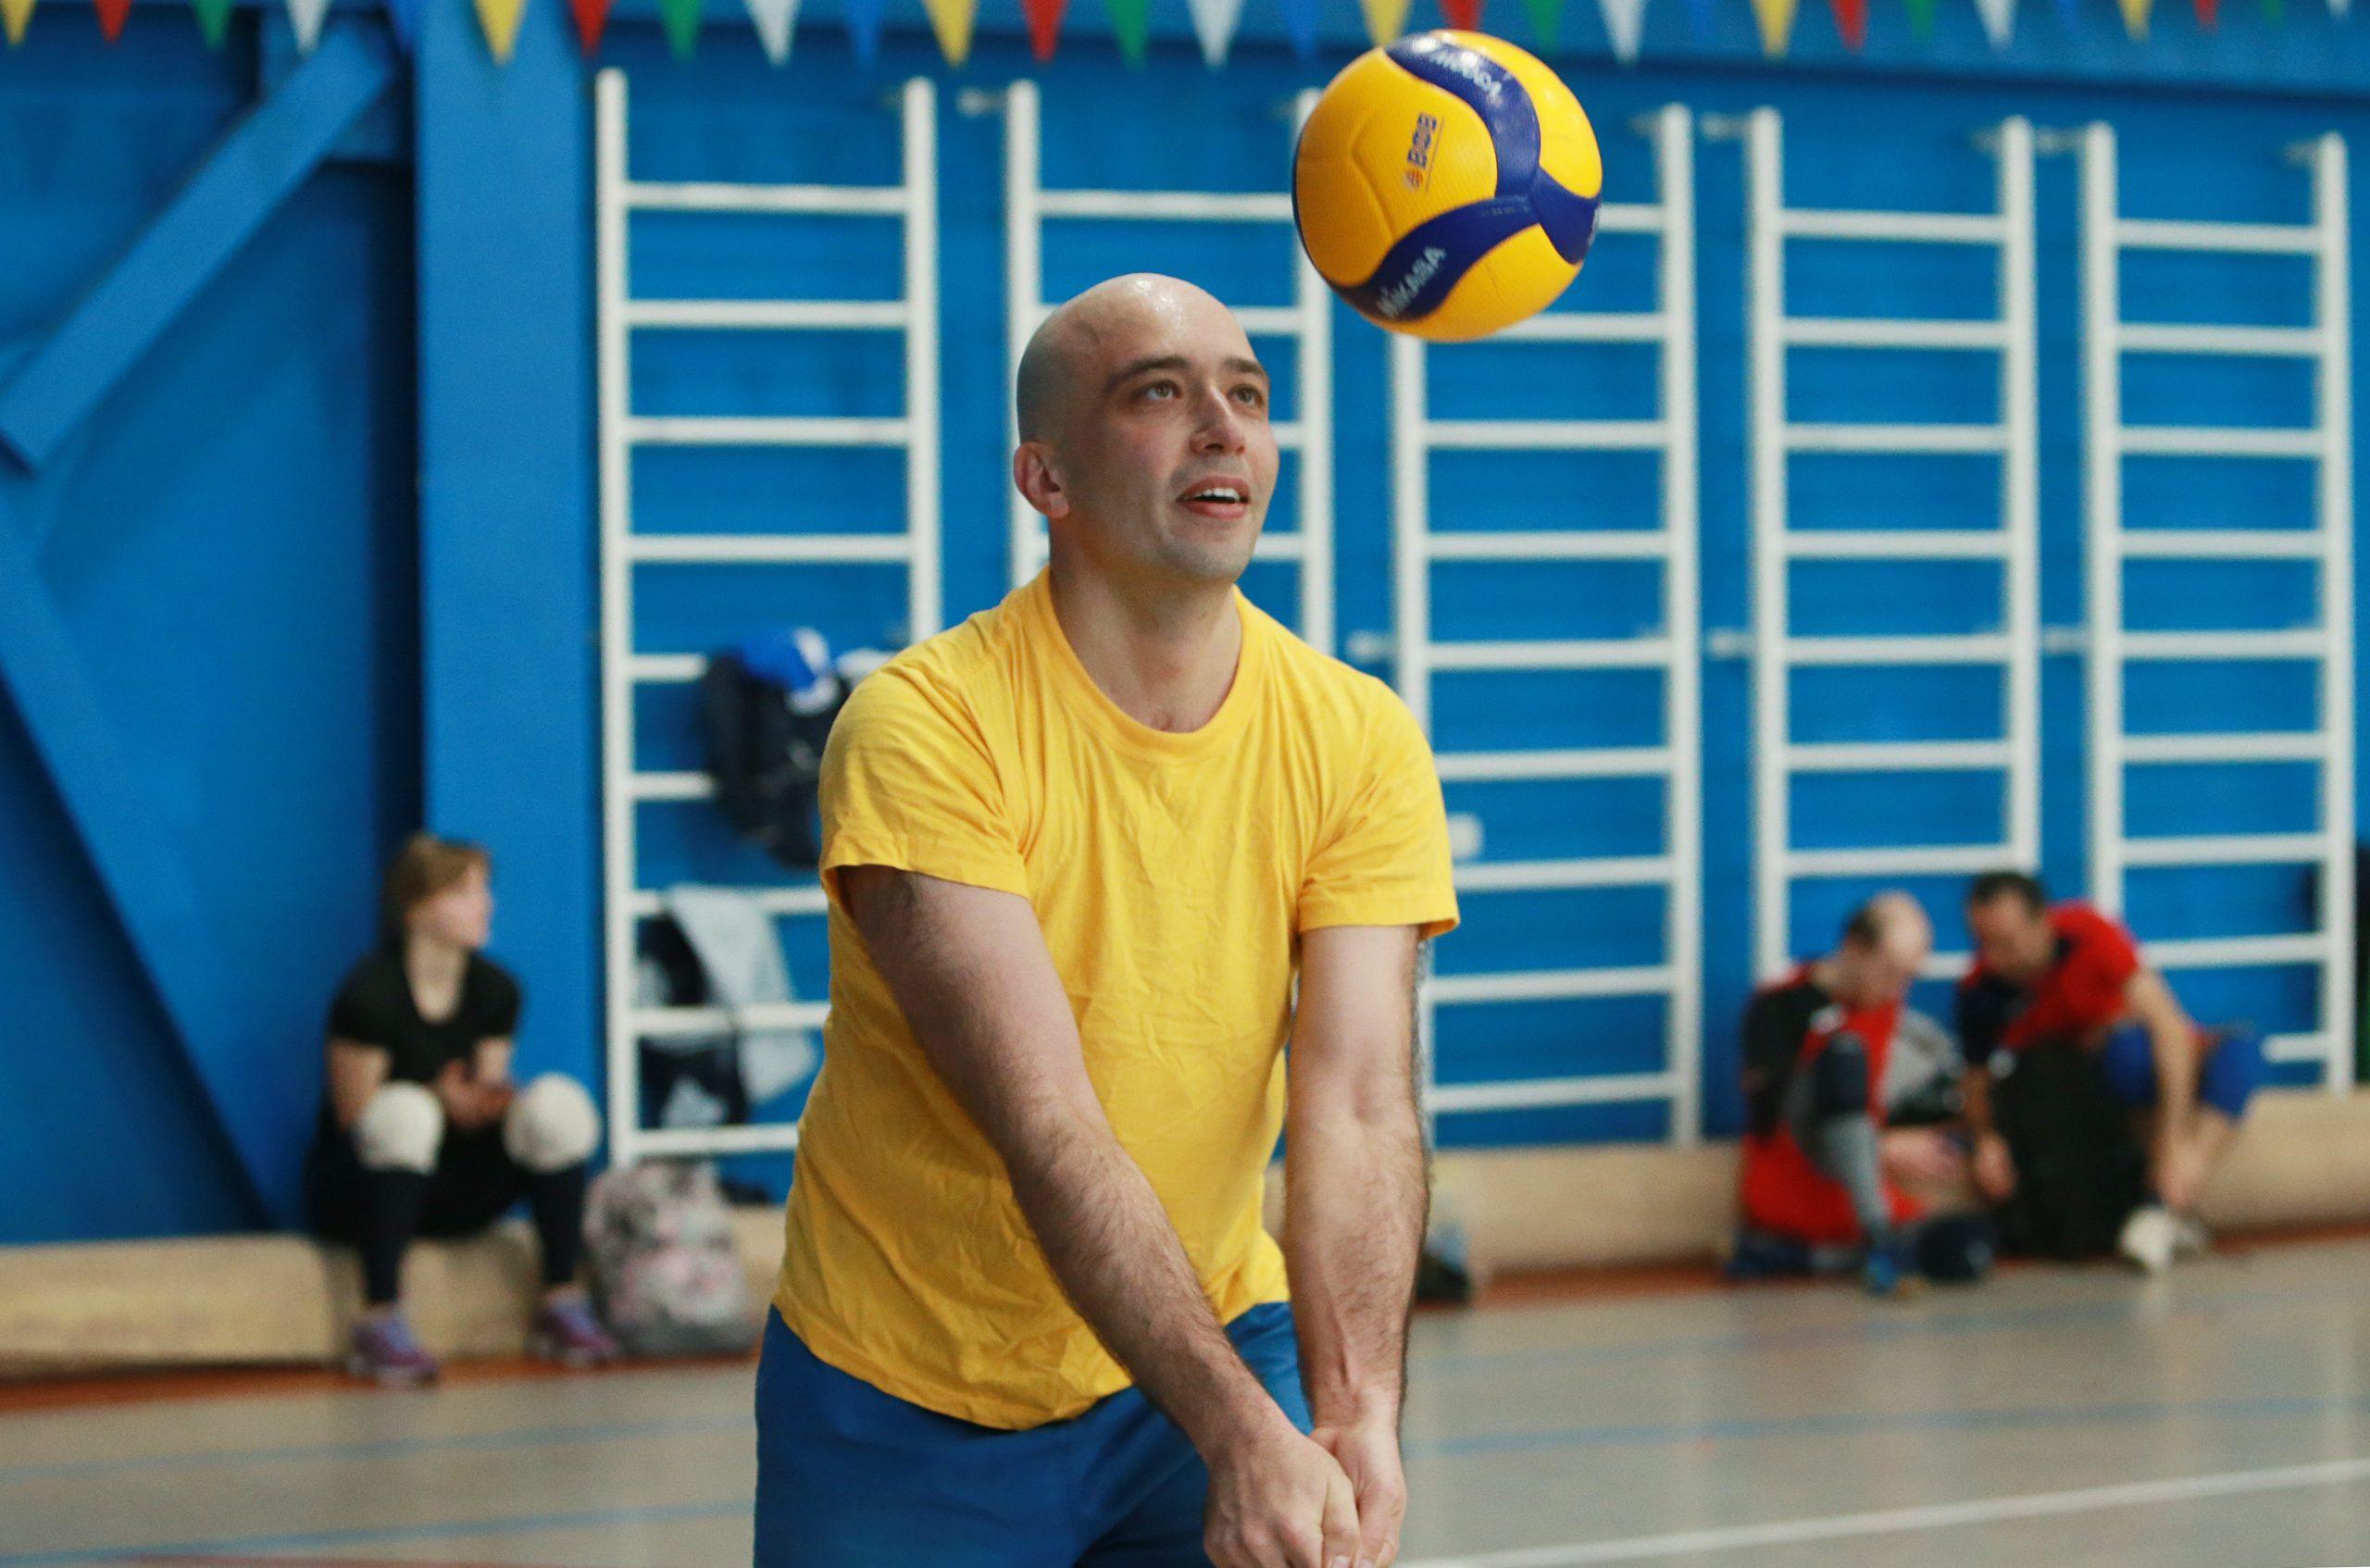 Турнир по волейболу состоится в Центре культуры и спорта «Филимонковское»